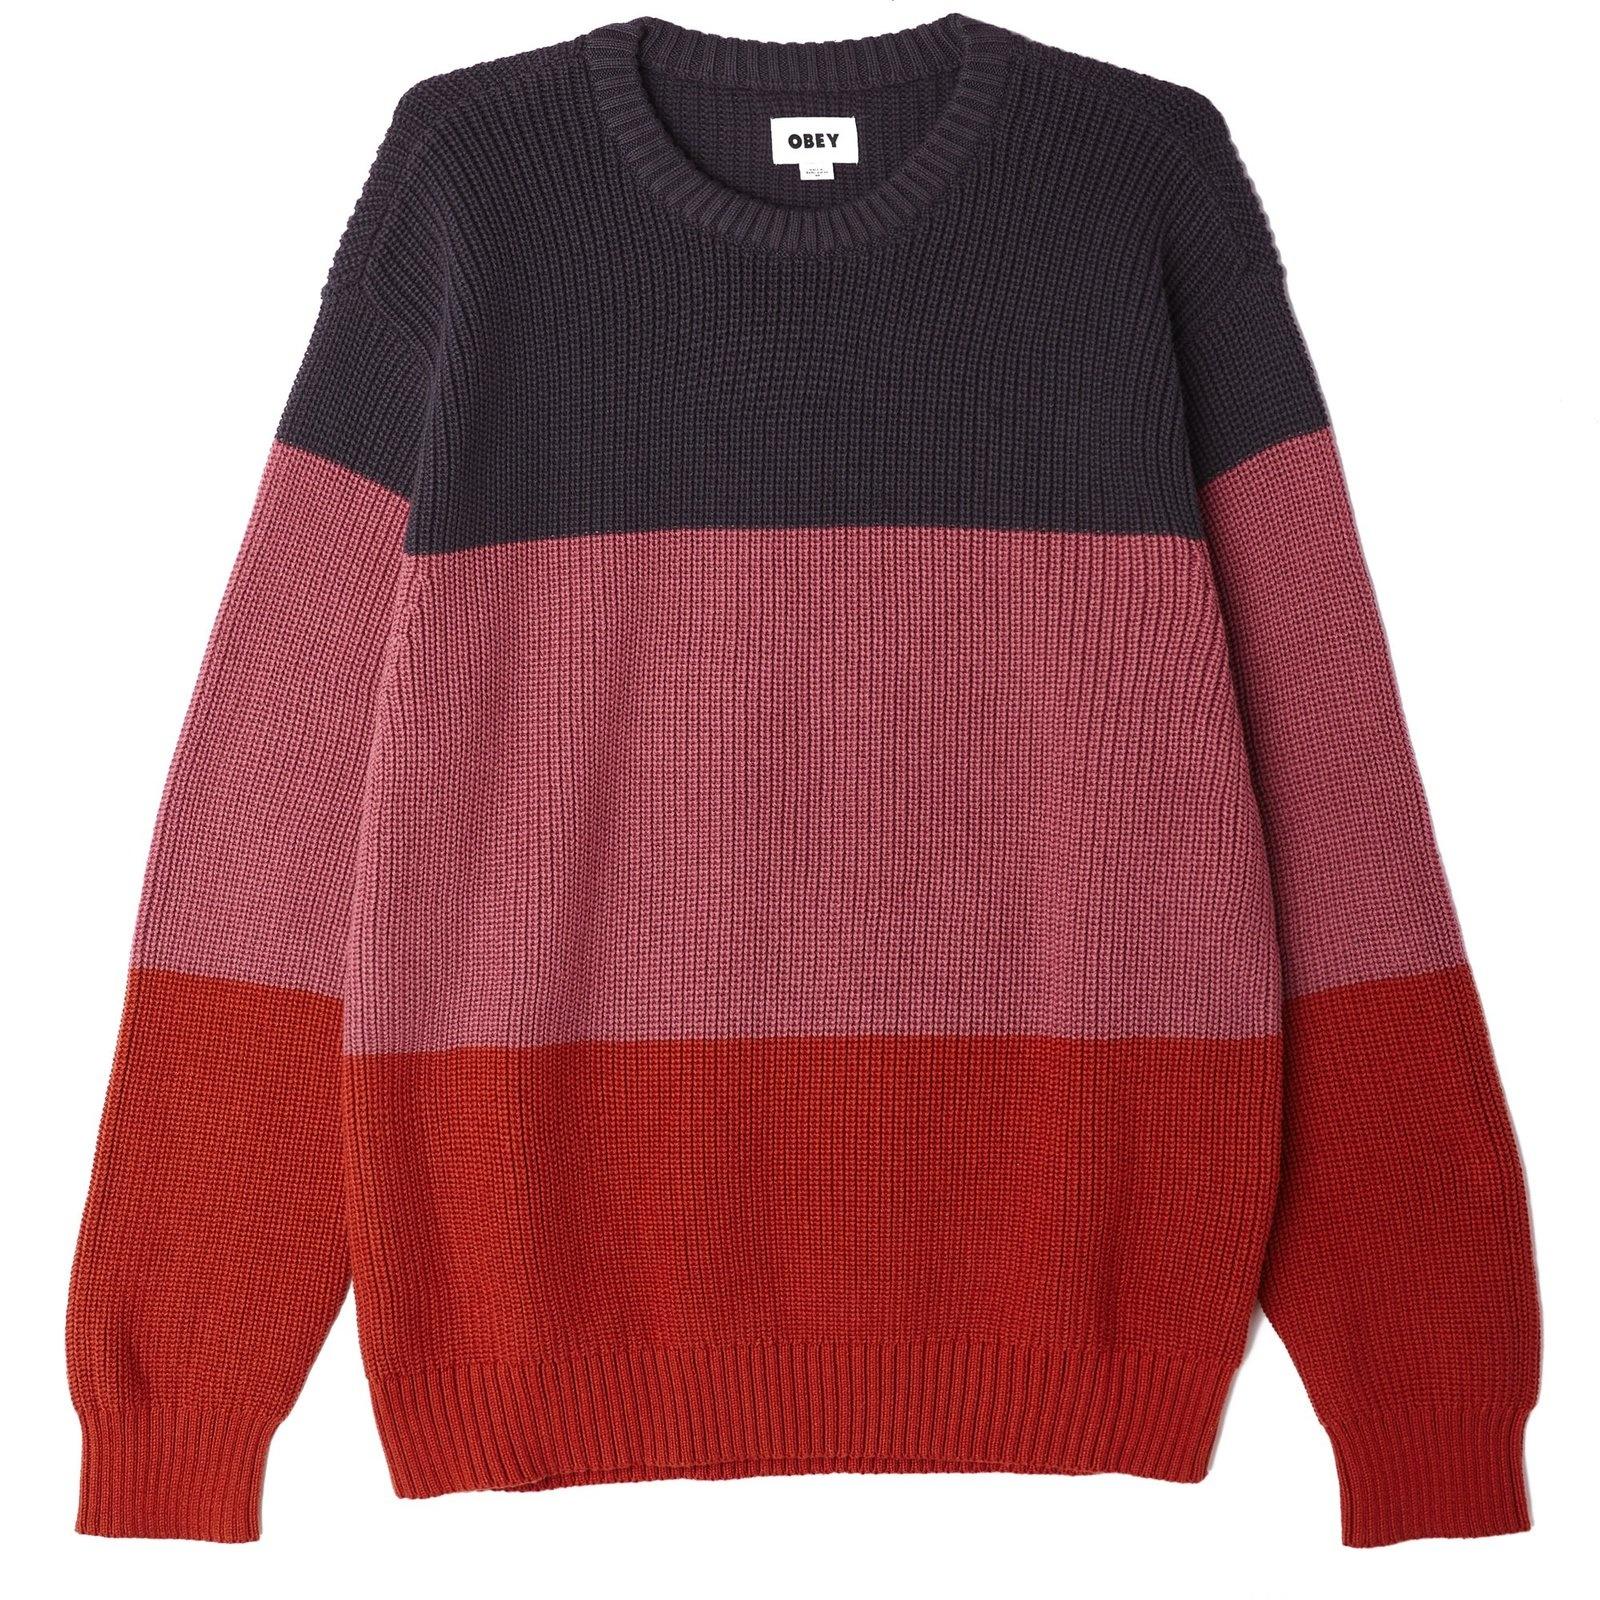 Obey Obey - Joni Sweater